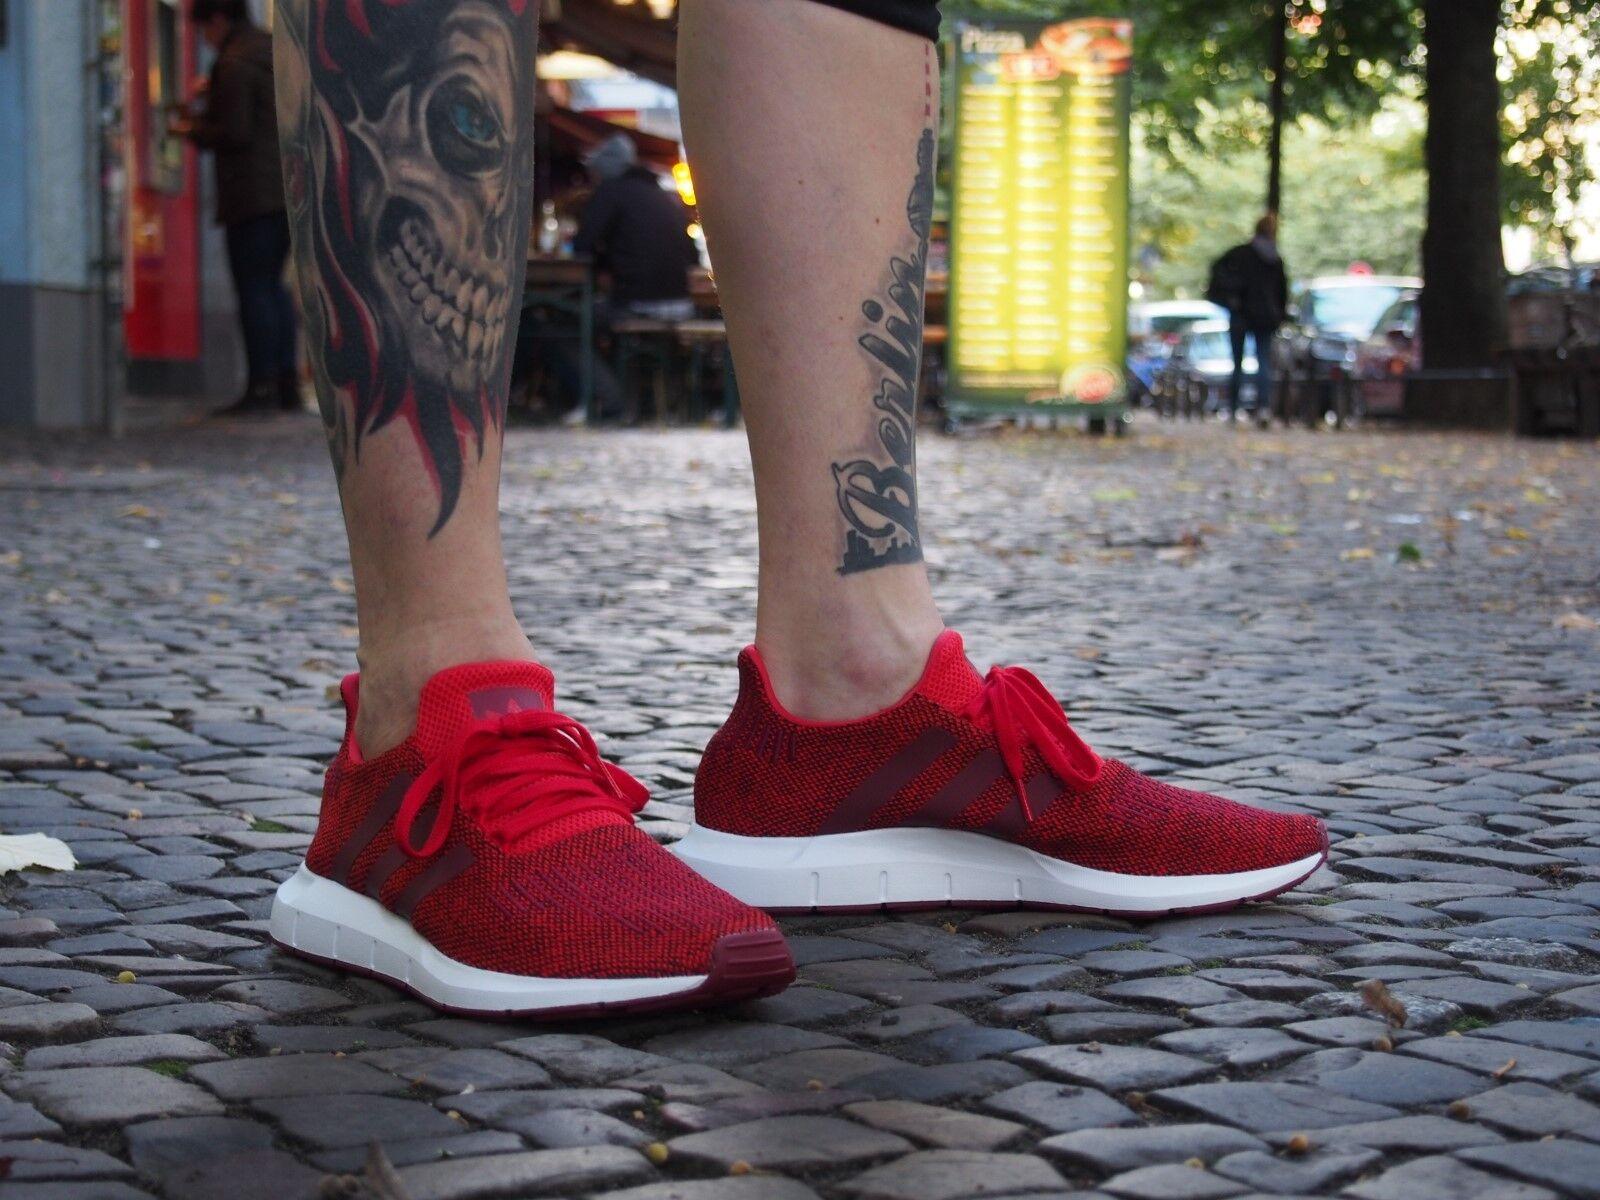 Adidas Schuh Originals Swift Run Schuh CG4117 rot Rot nmd flux Turnschuh NMD NEU